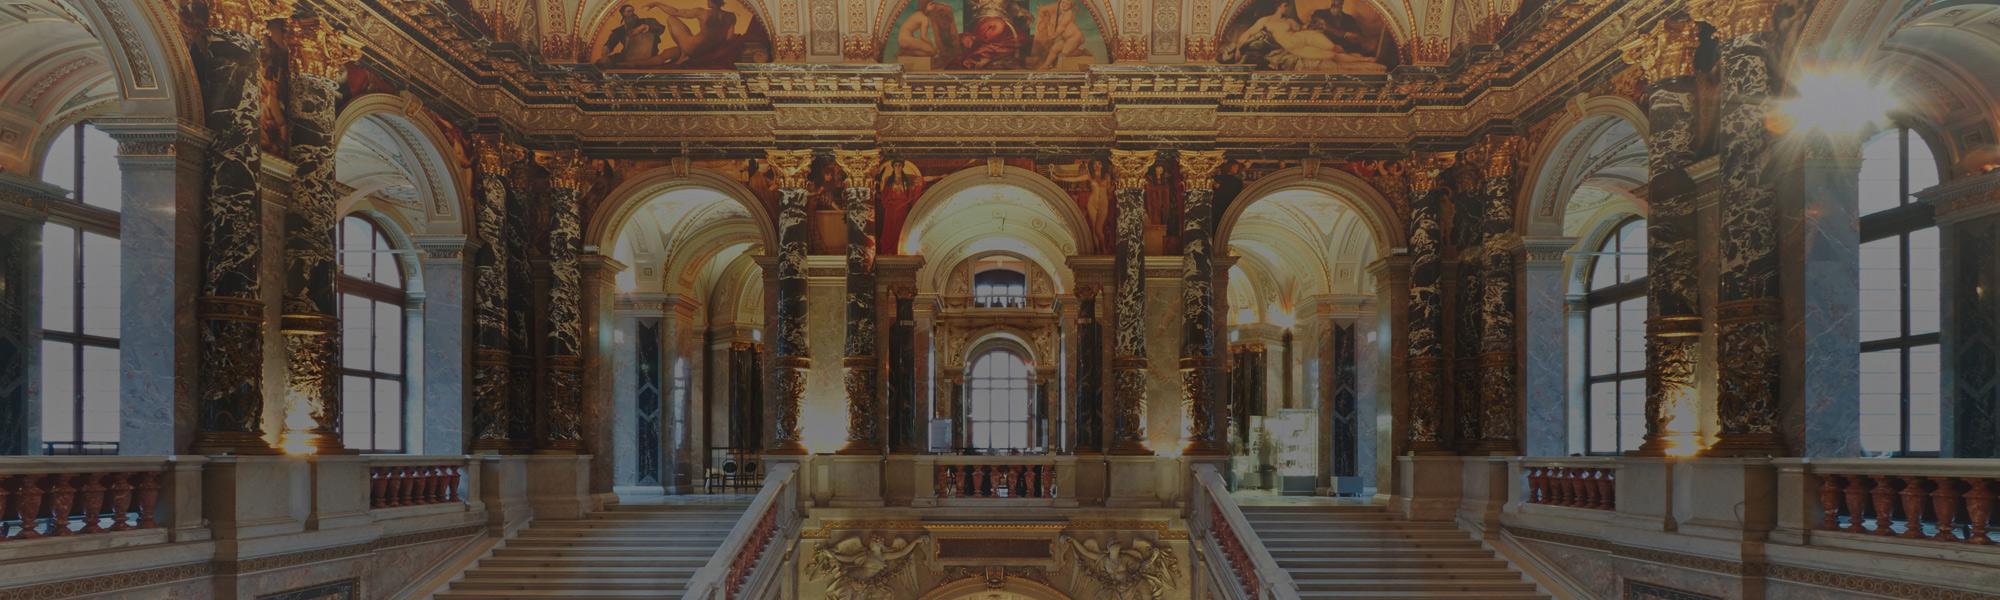 Innenansicht von Wiener Schloss